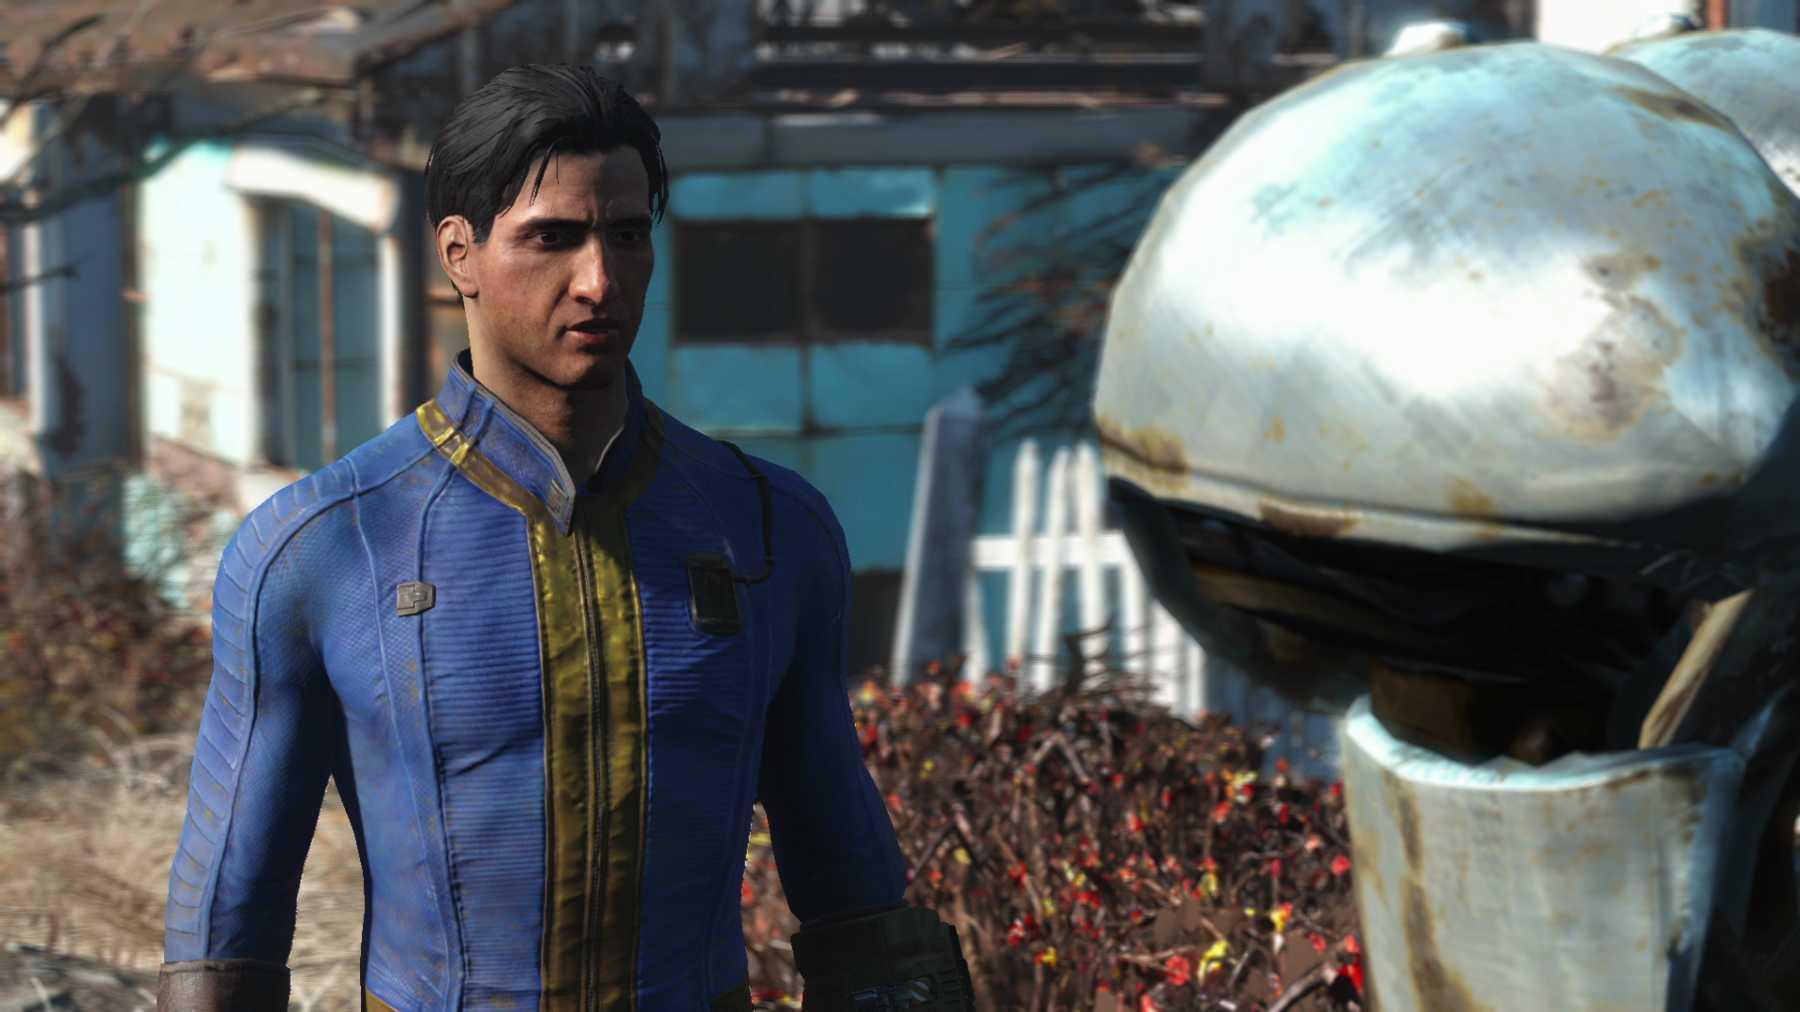 Bethesda Announces Doom, Fallout 4, And More At E3 2015 | Bethesda